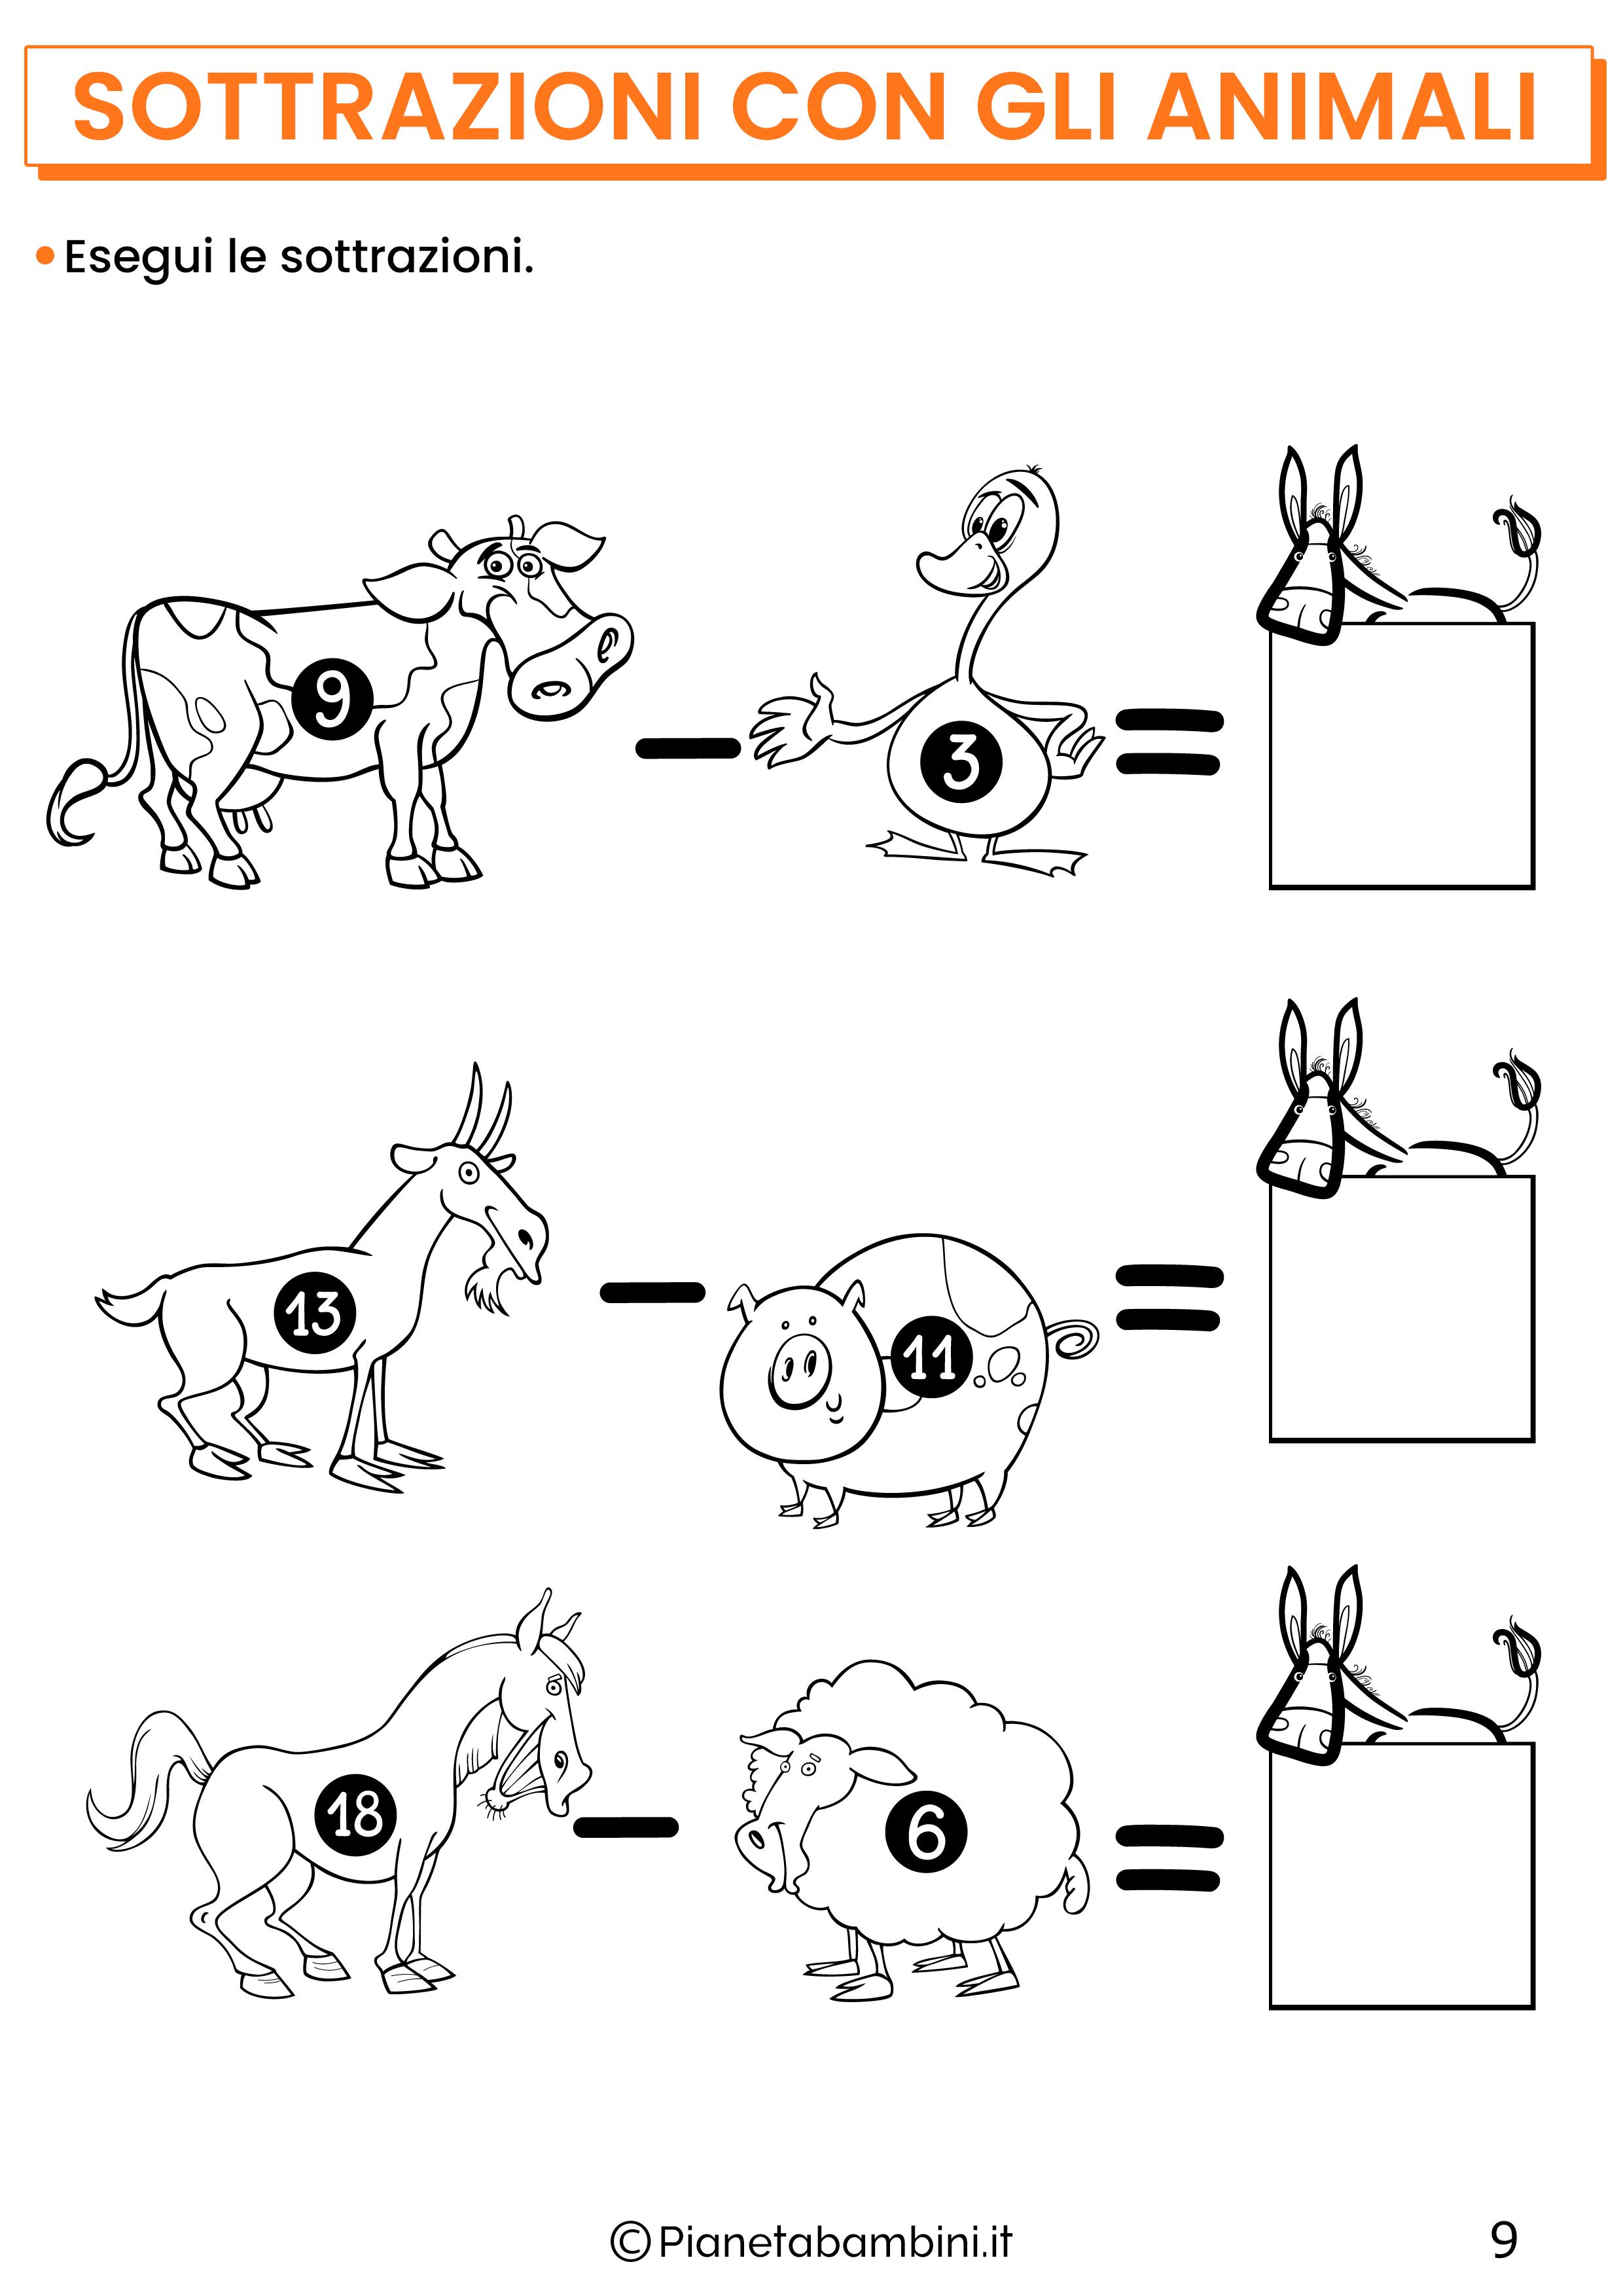 Sottrazioni con gli animali per la classe prima pagina 9